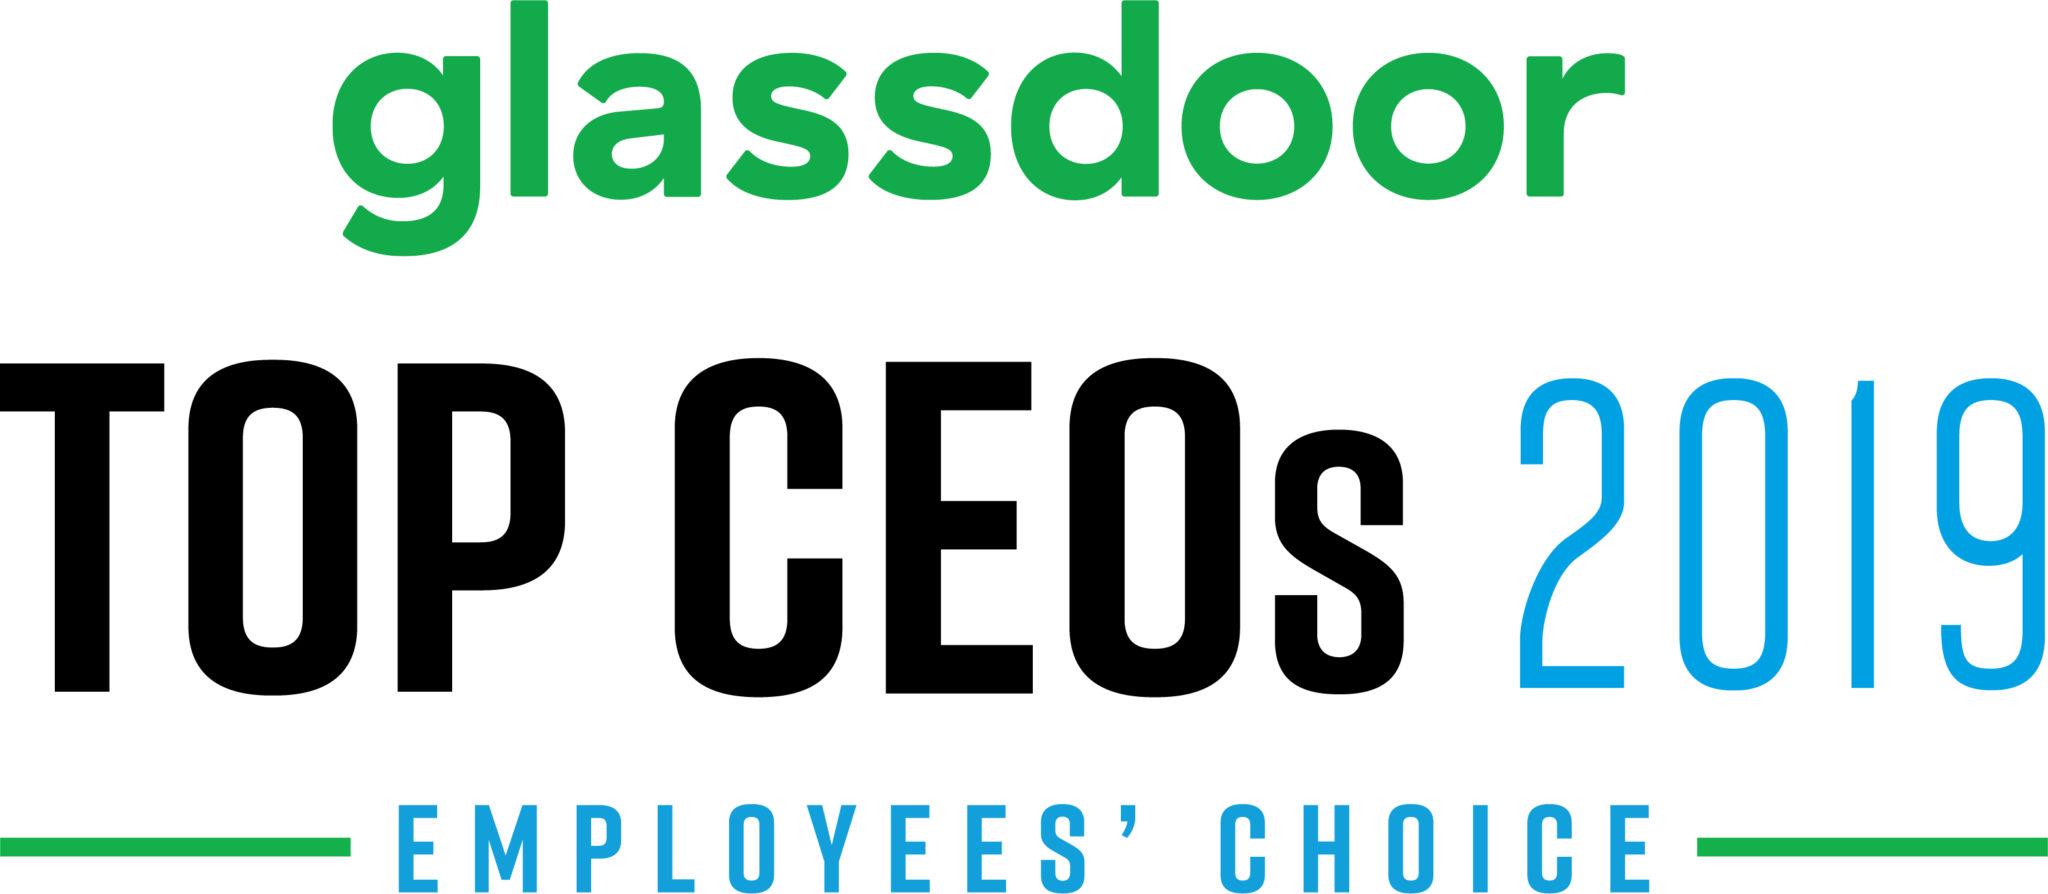 'Glassdoor: Top CEOs 2021'